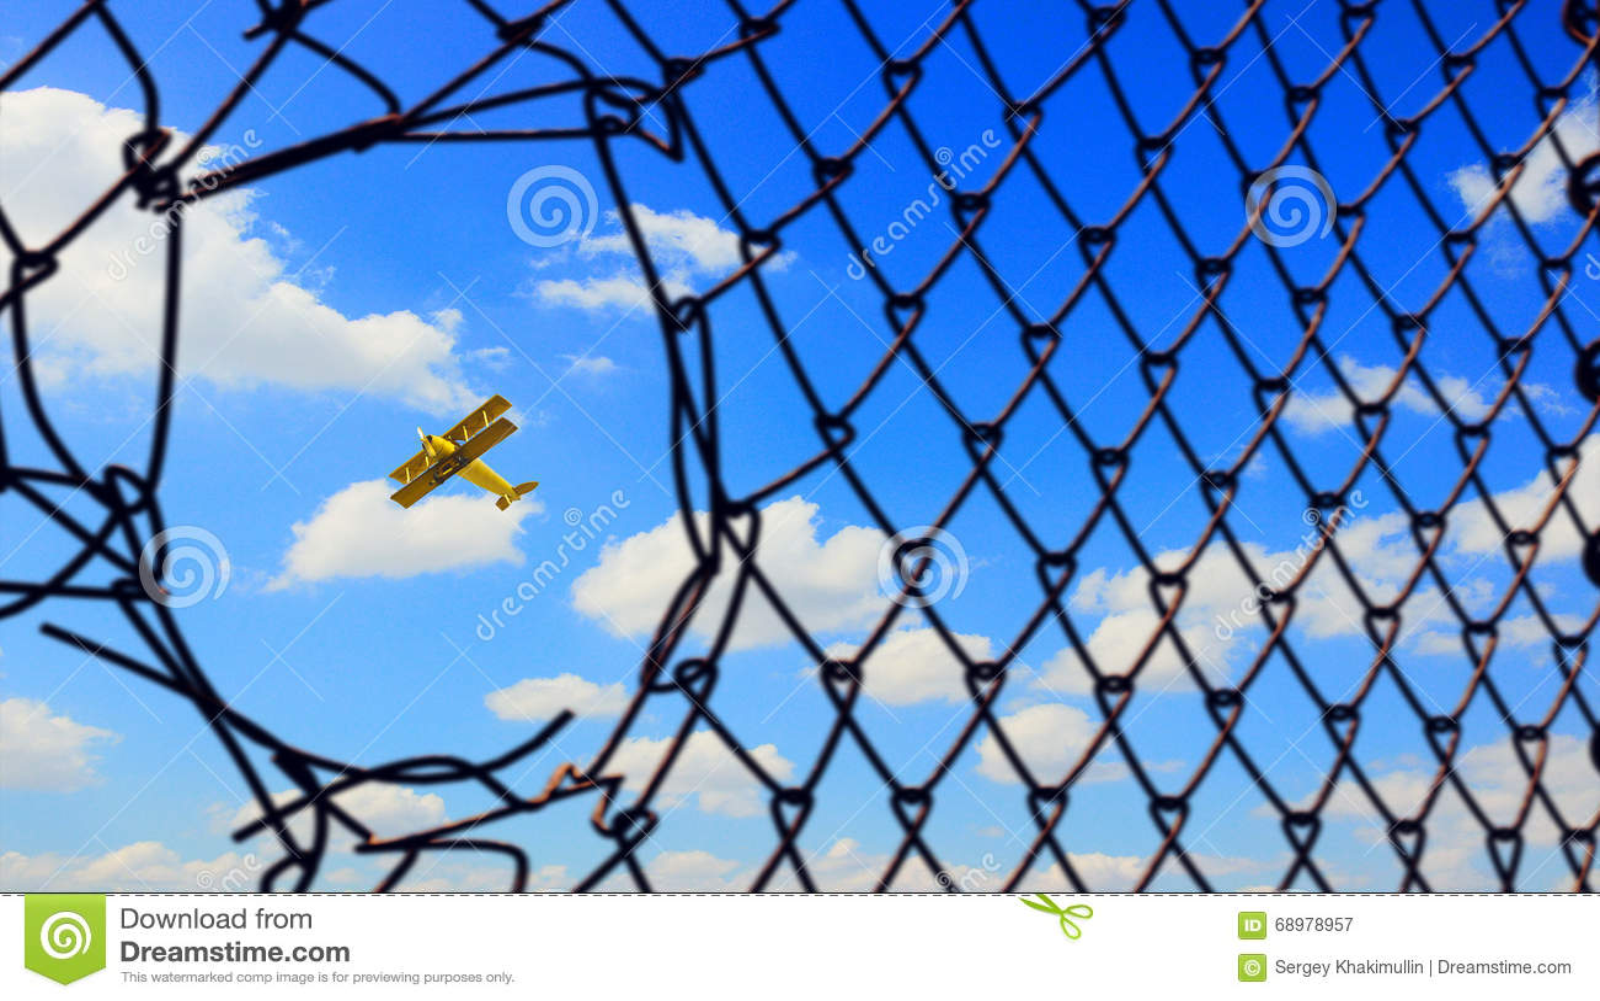 Aeroplano retro en cielo